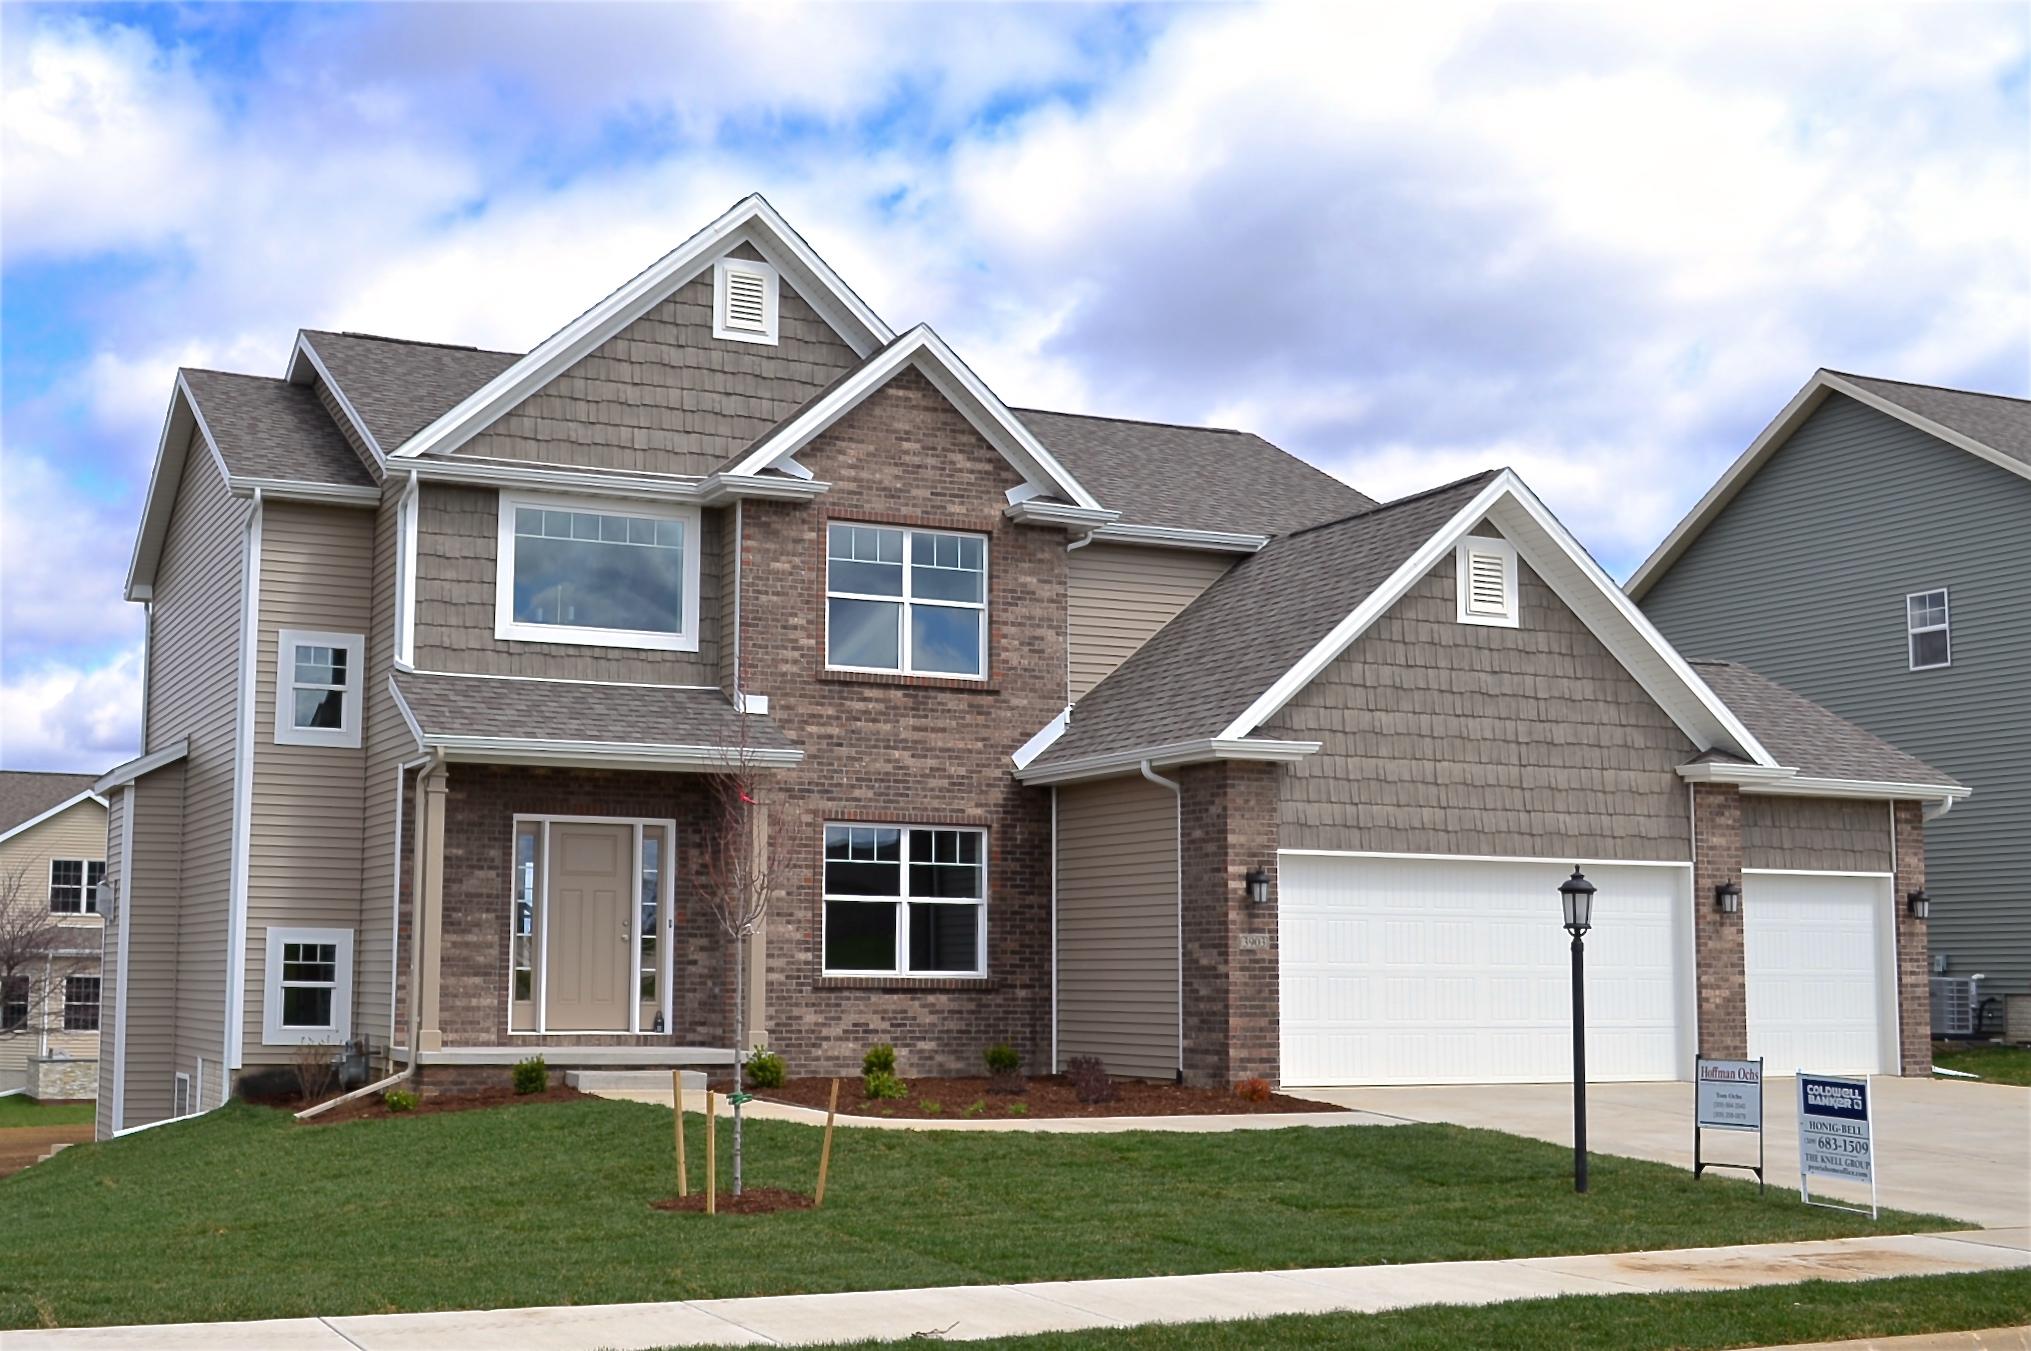 3903 Crimson, Dunlap, IL